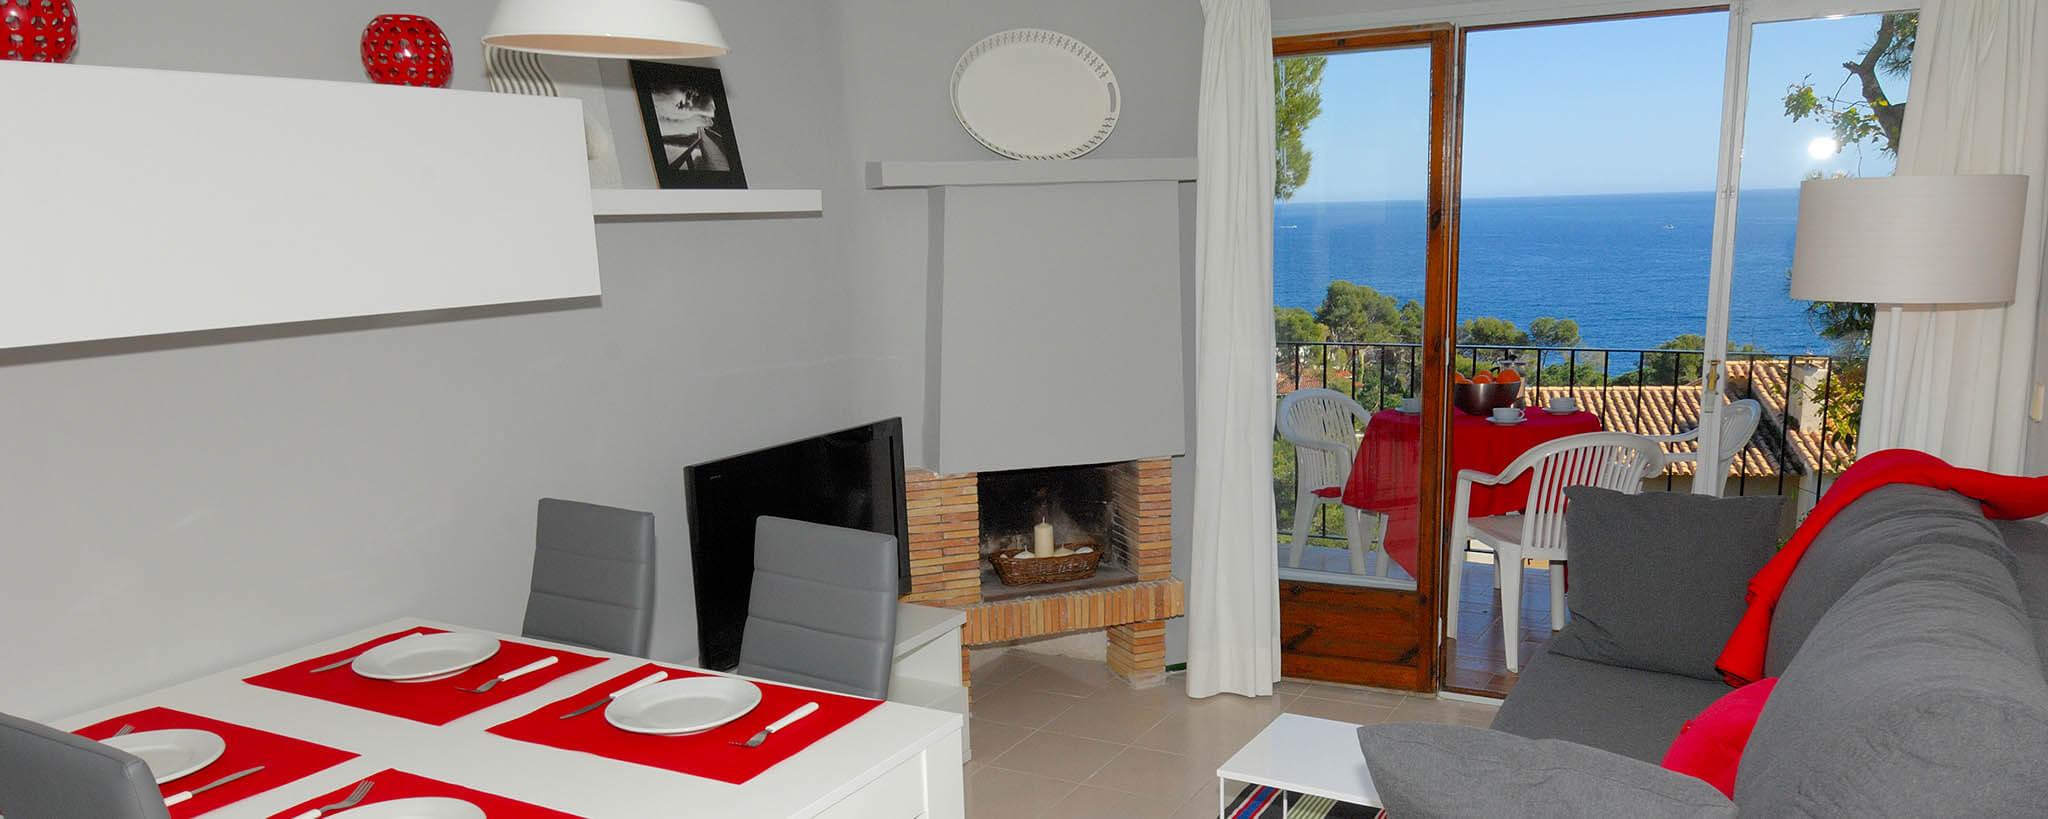 sch ner wohnung gem tlicher zu calella. Black Bedroom Furniture Sets. Home Design Ideas